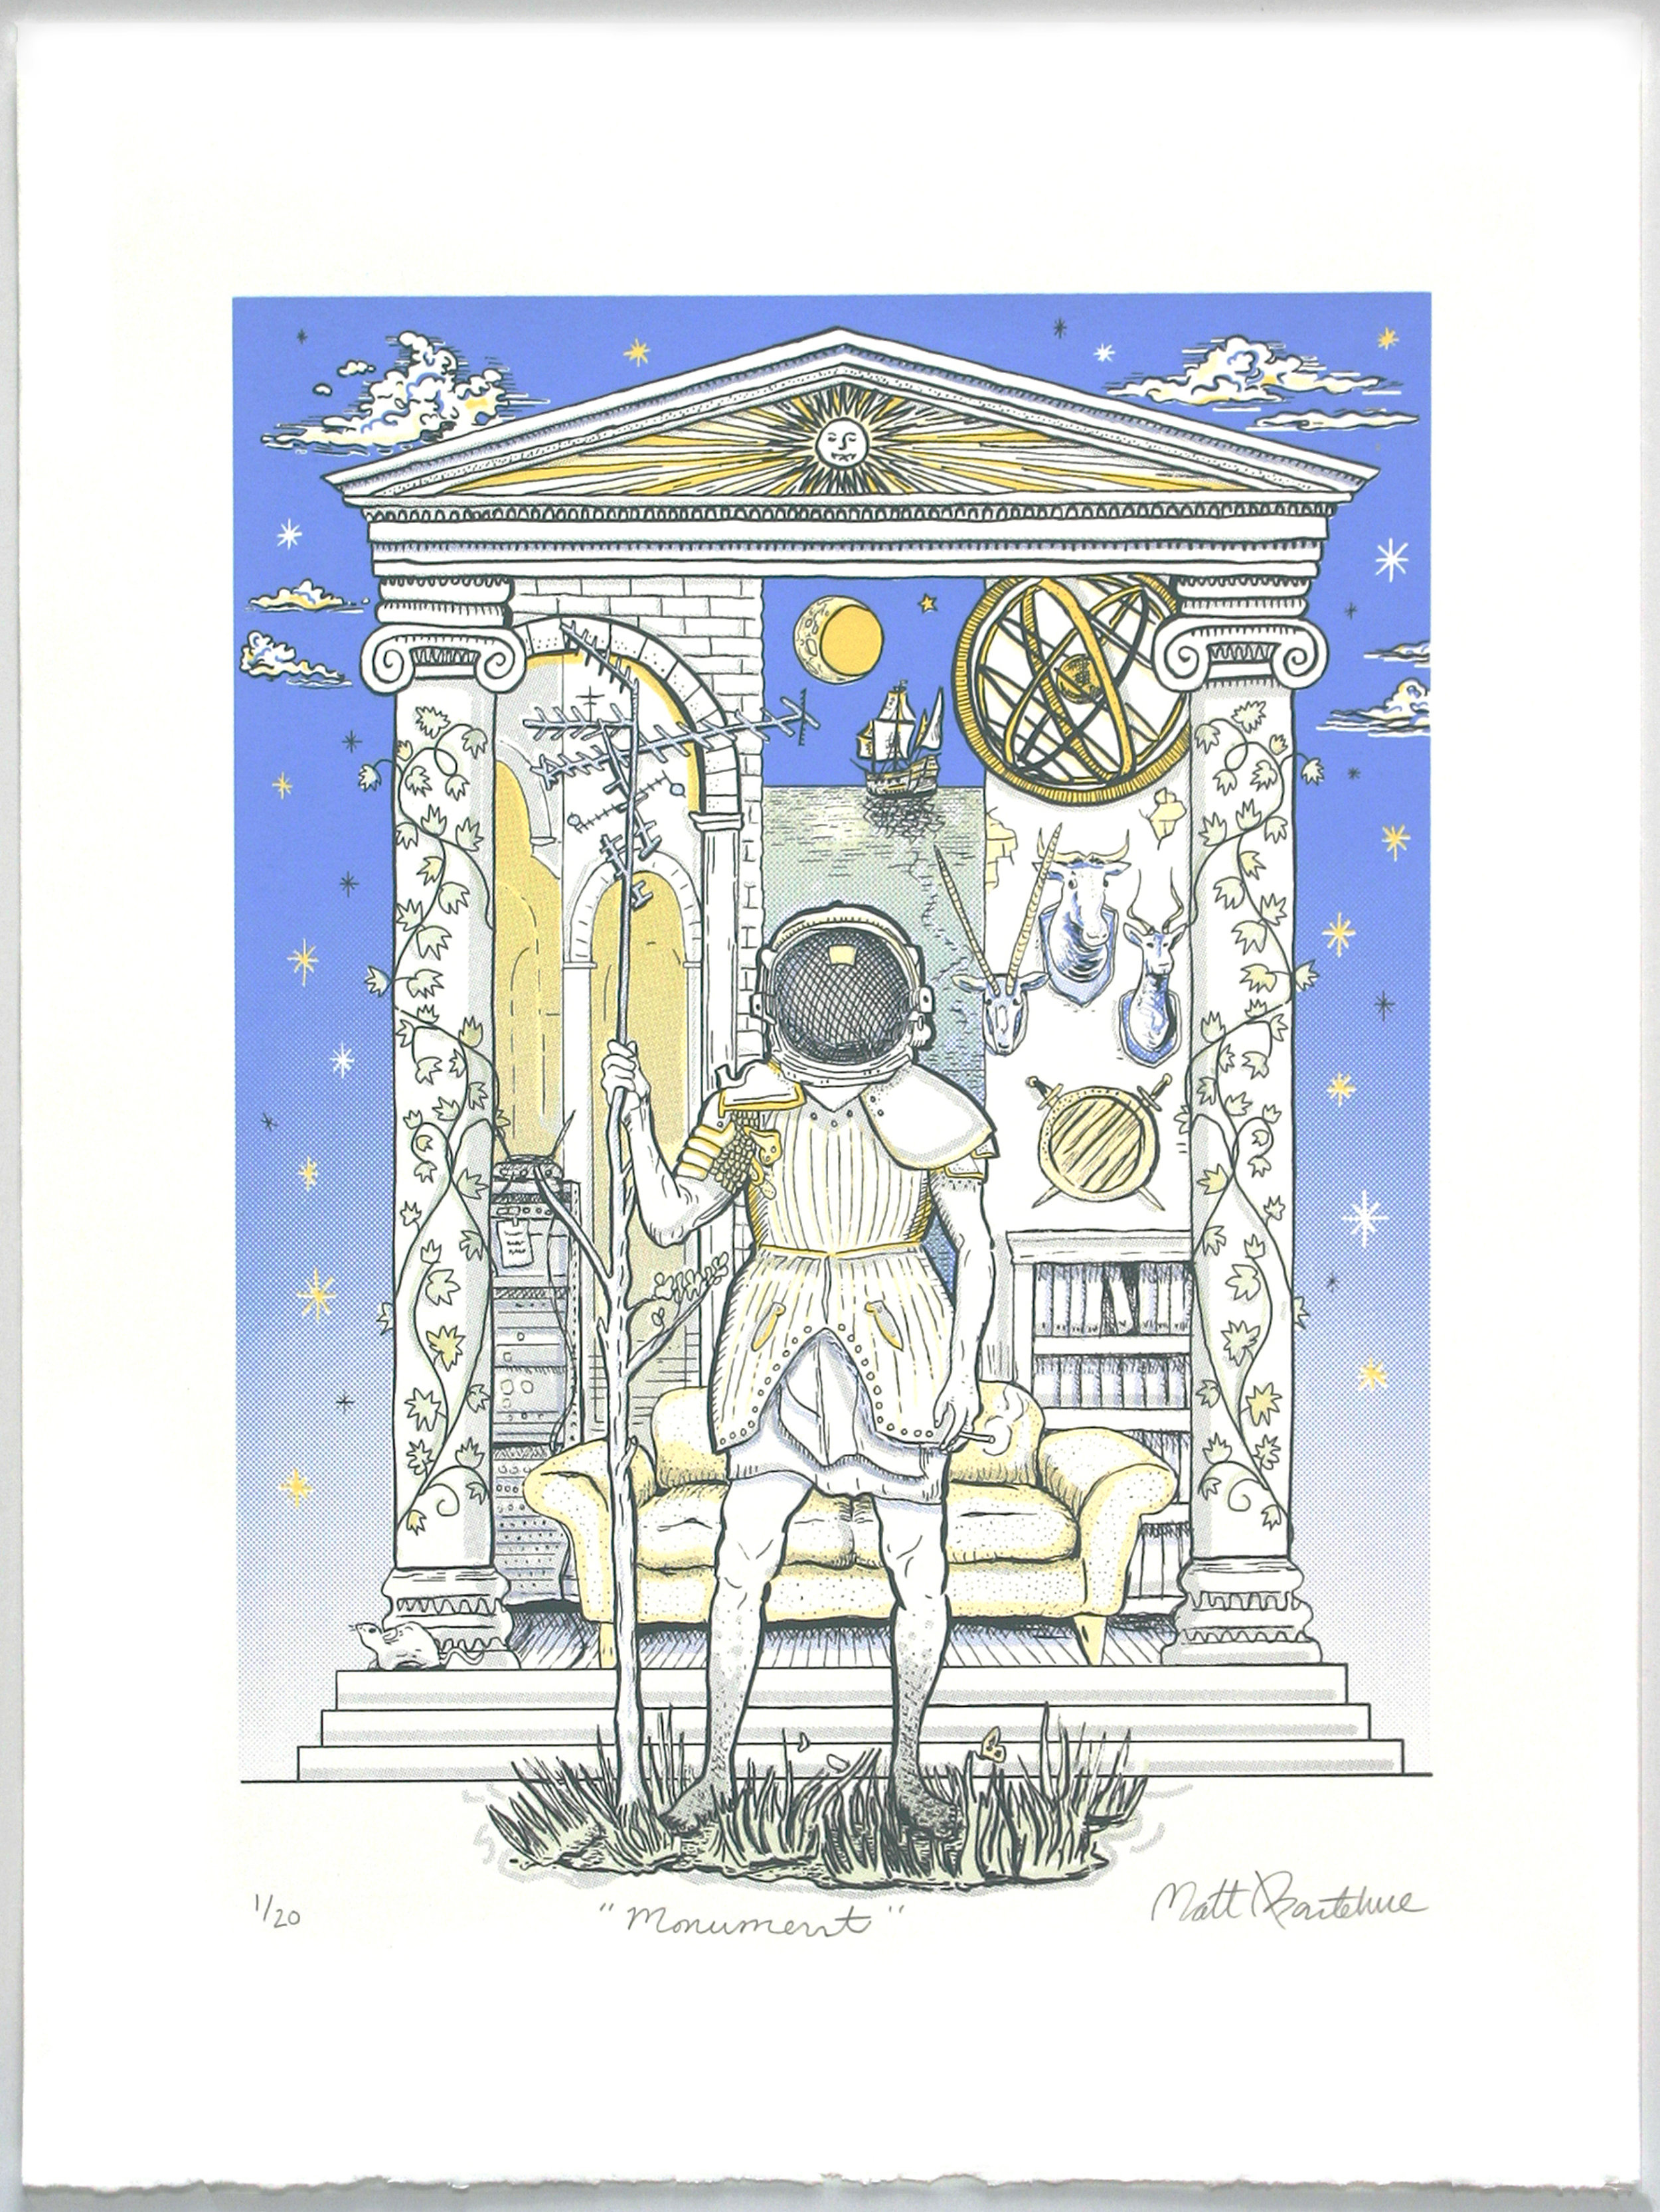 """"""" Monument """"  Matt Barteluce  5 color silkscreen"""